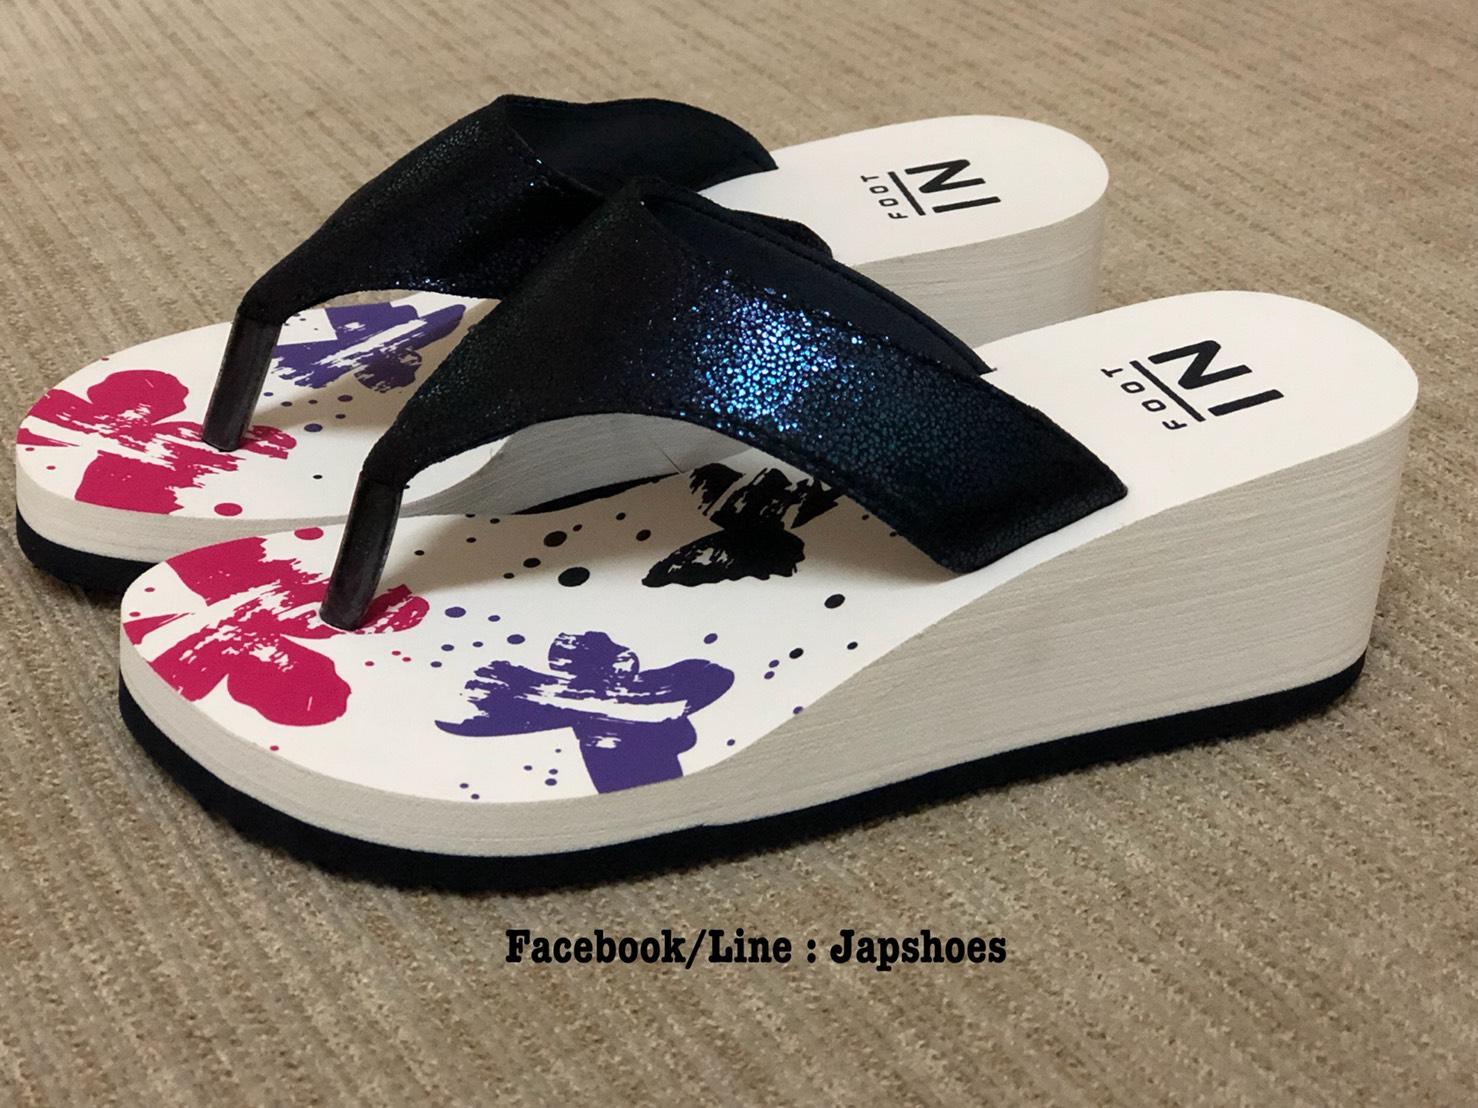 รองเท้าบาจา ฟุตอิน หนีบสีน้ำเงินส้นเตารีด